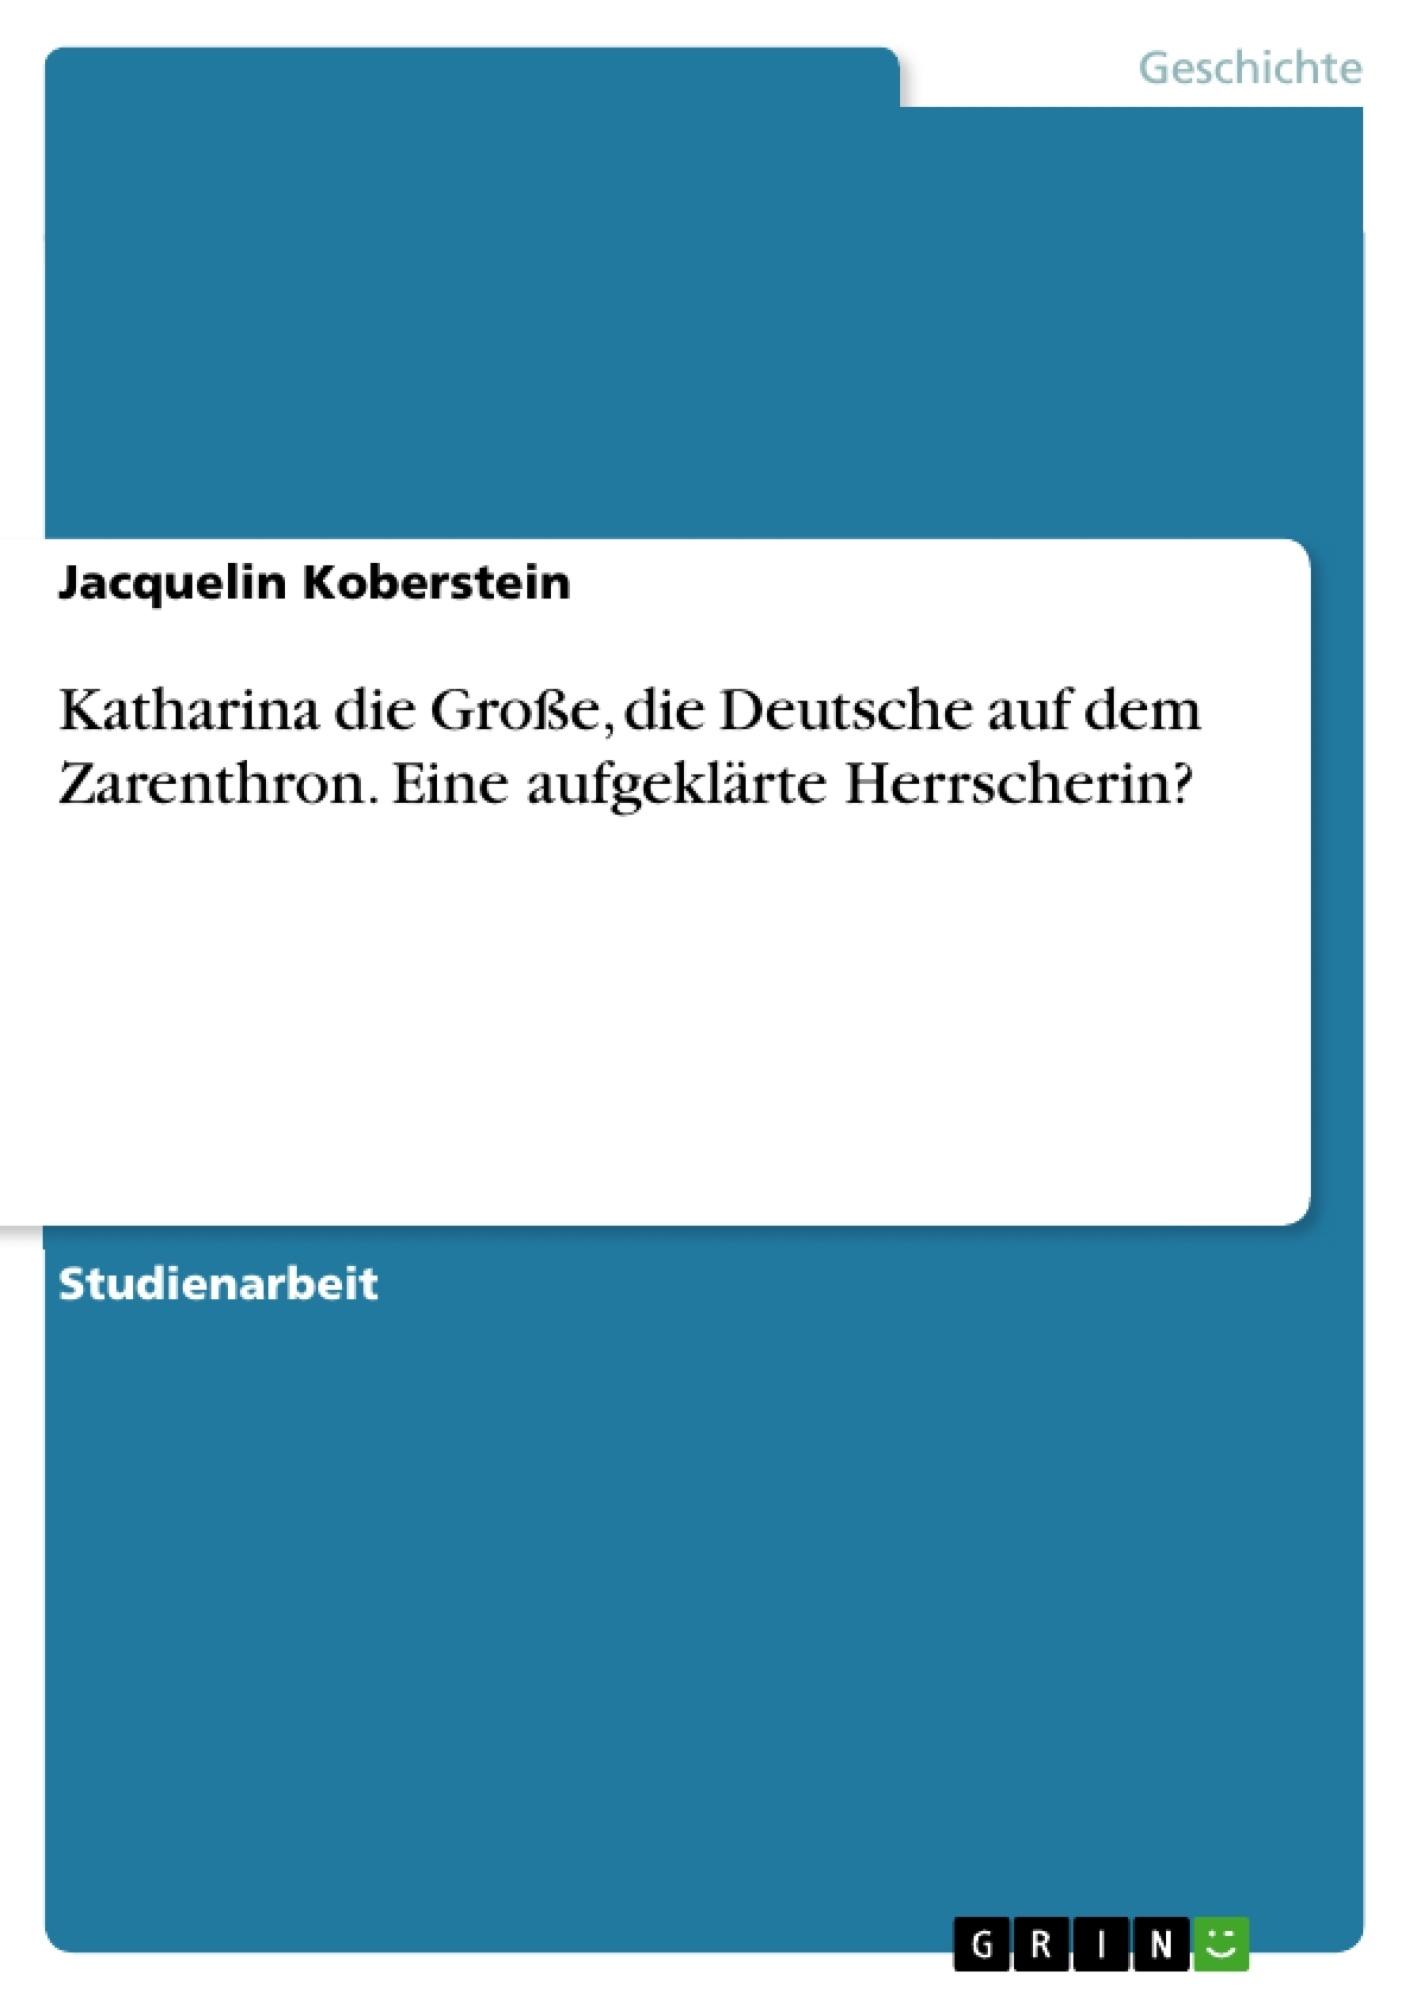 Titel: Katharina die Große, die Deutsche auf dem Zarenthron. Eine aufgeklärte Herrscherin?